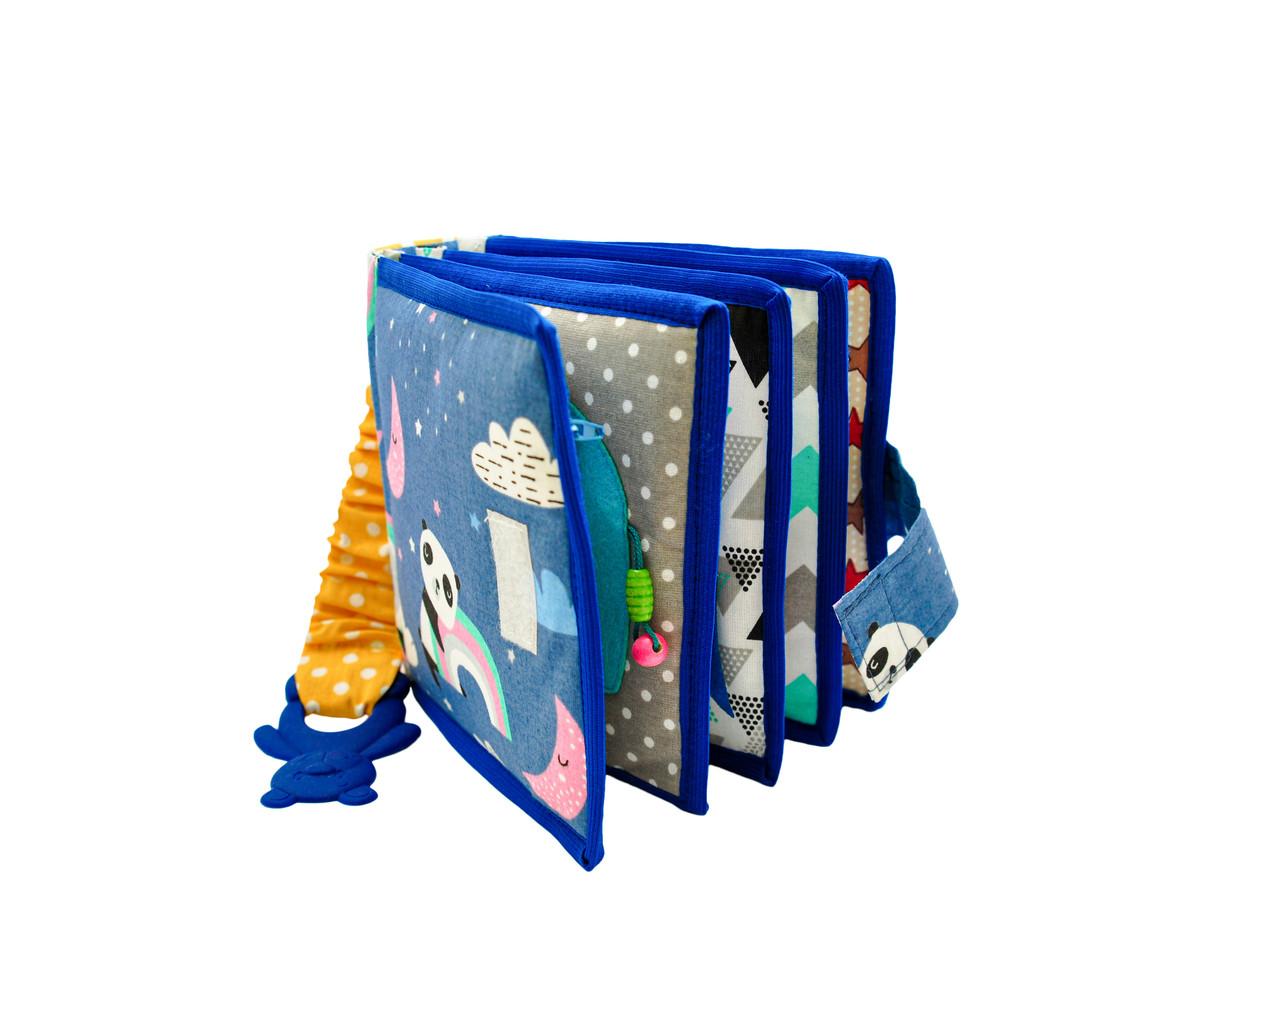 Развивающие книжки для малышей, мягкие книжки Handmade, 10 страниц